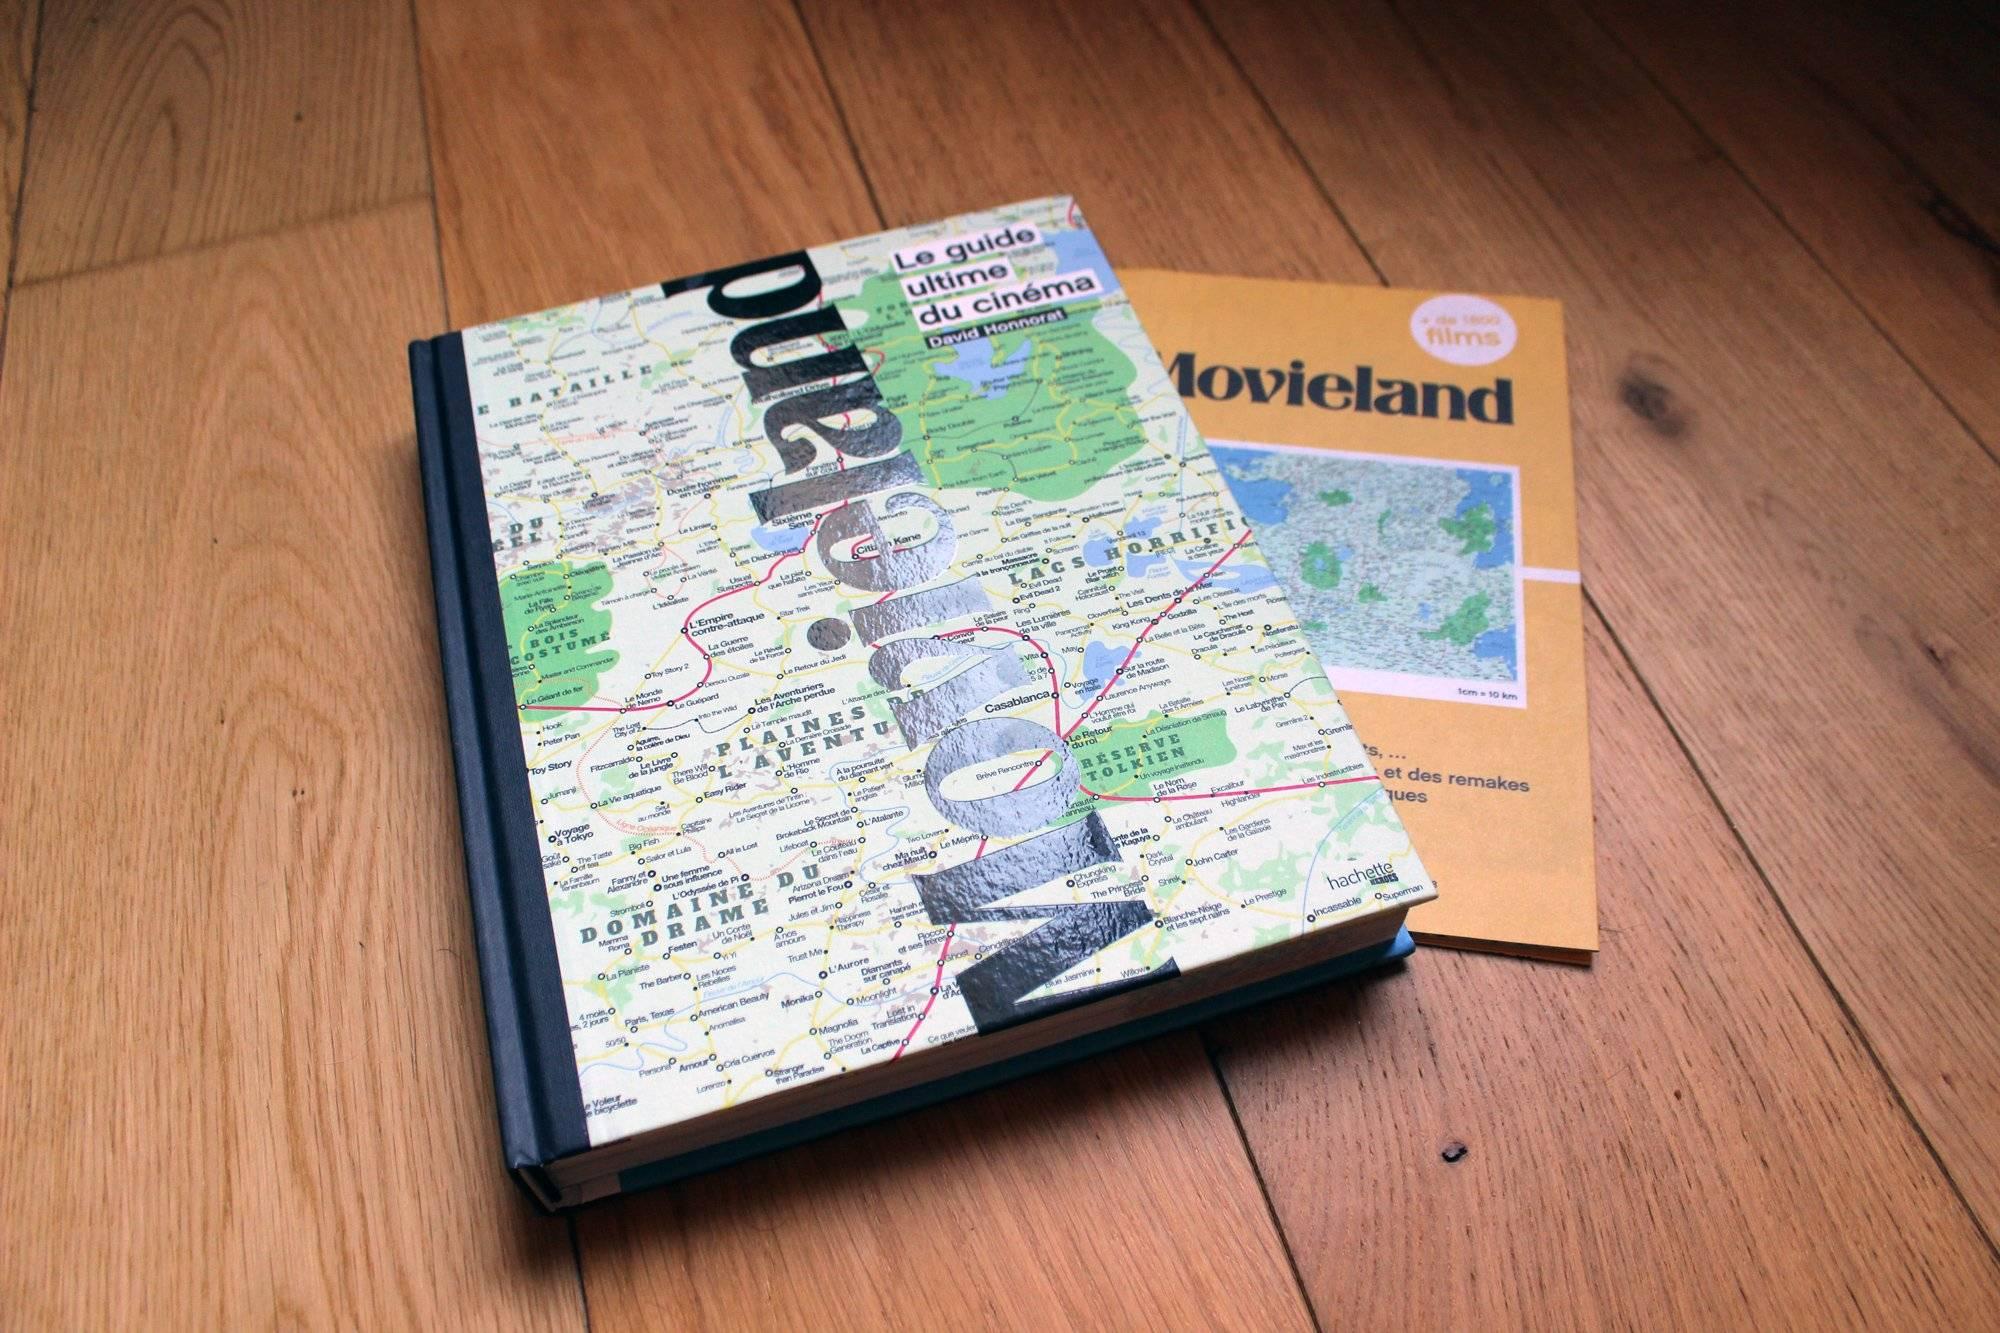 movieland-apres-la-carte-le-livre